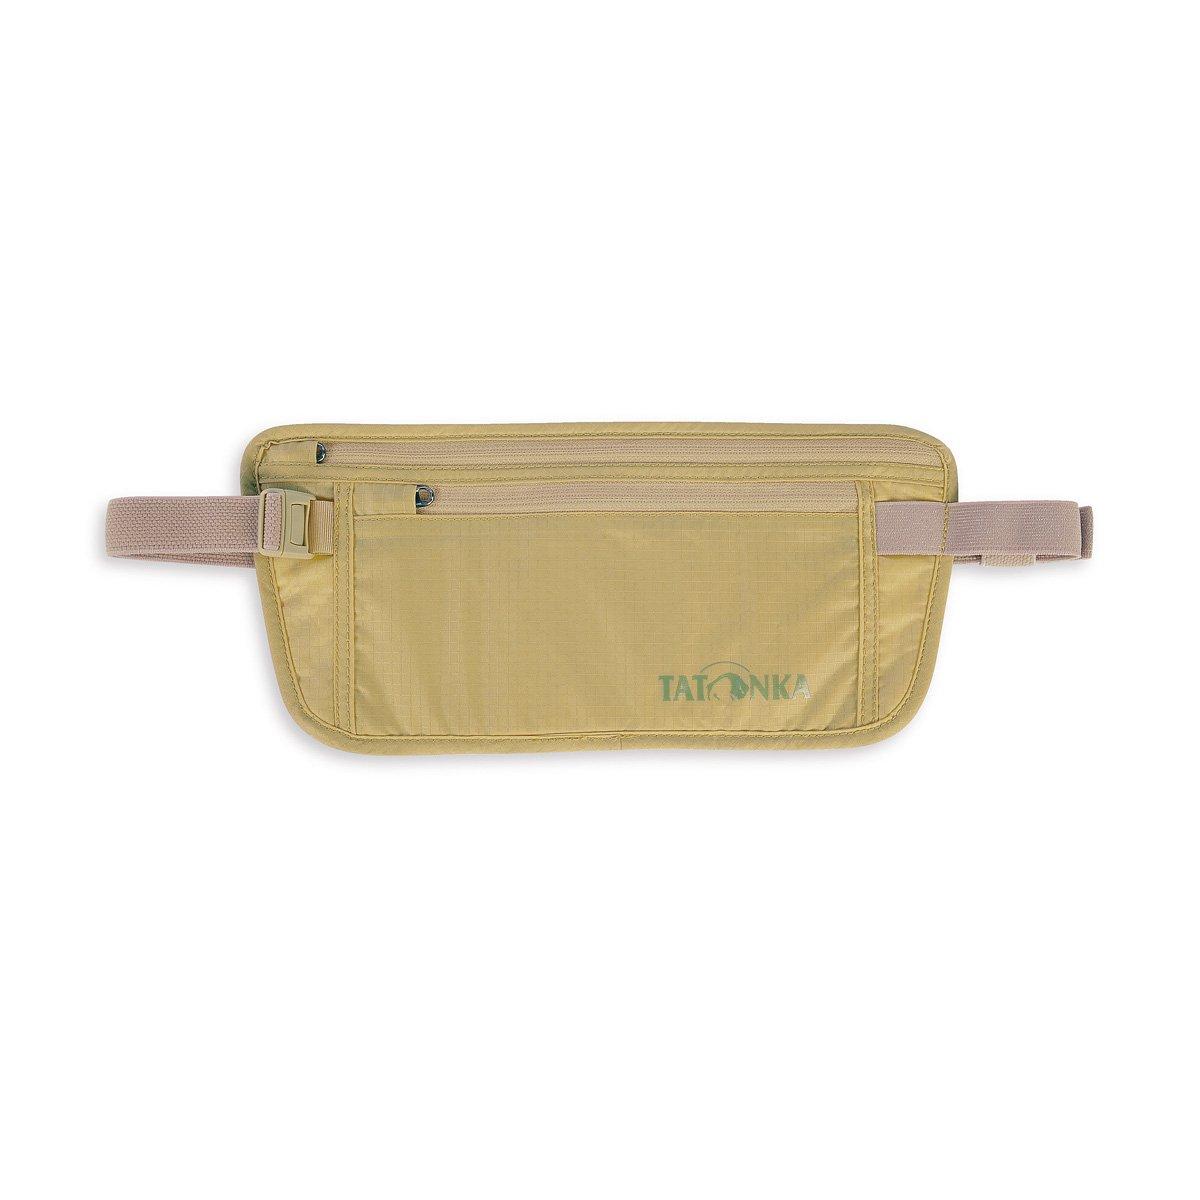 Tatonka Pochette ceinture de voyage pour argent Natural 2848